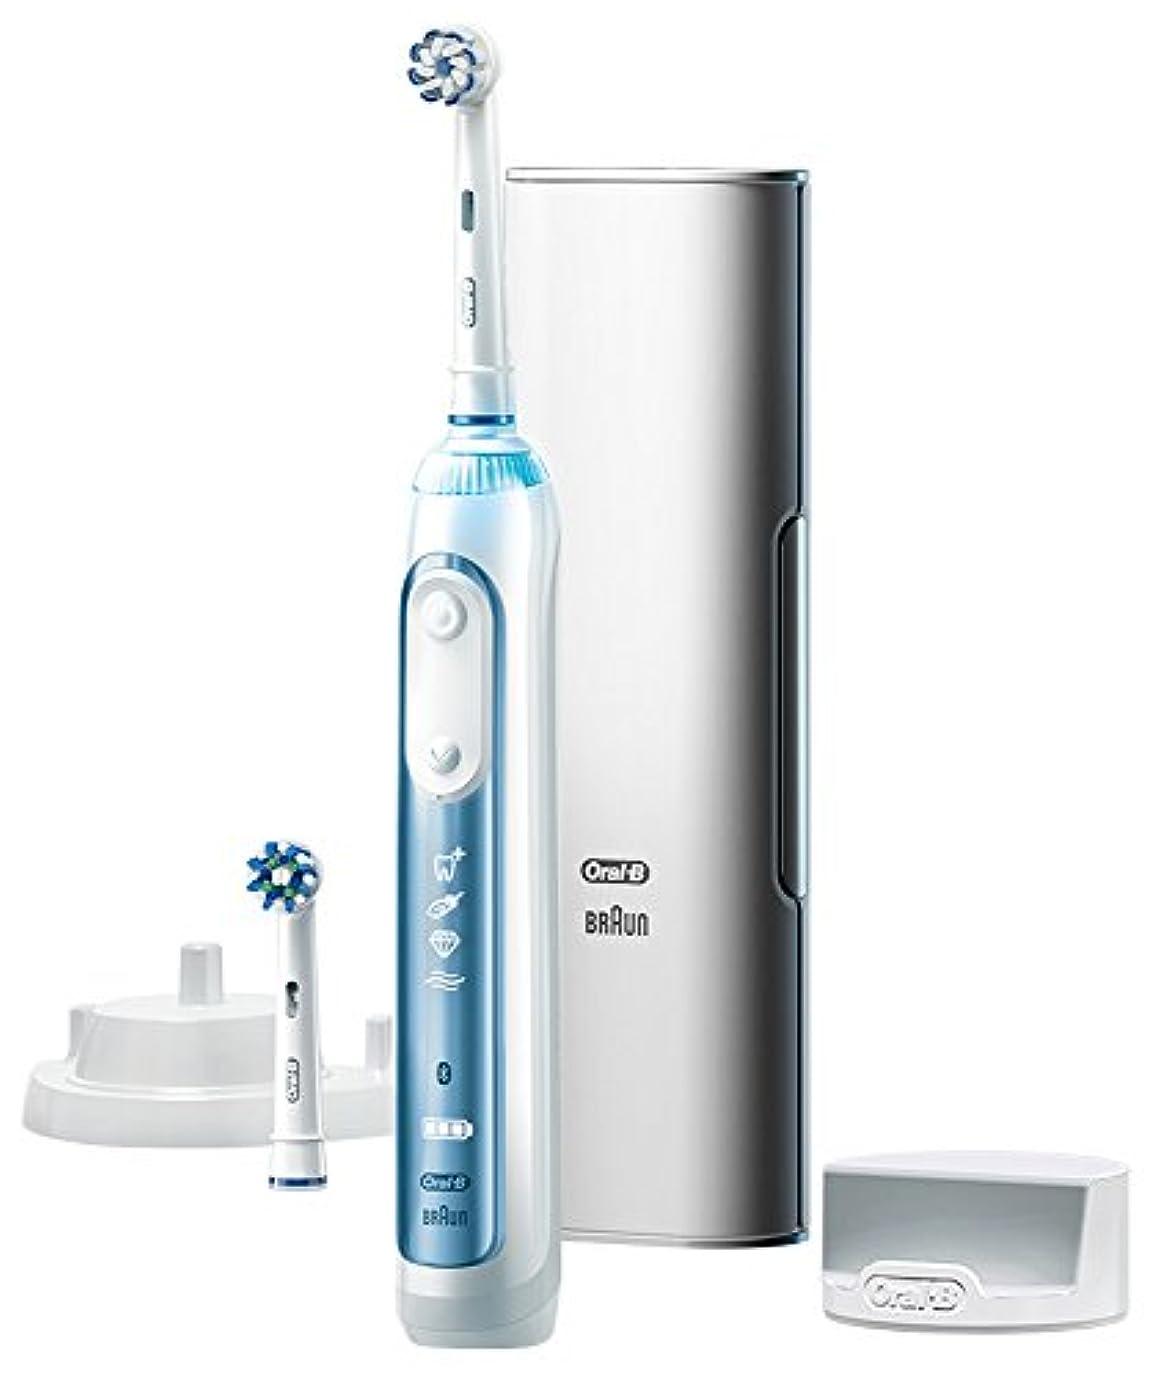 アーチ穏やかな機構ブラウン オーラルB 電動歯ブラシ スマート7000 D7005245XP D7005245XP